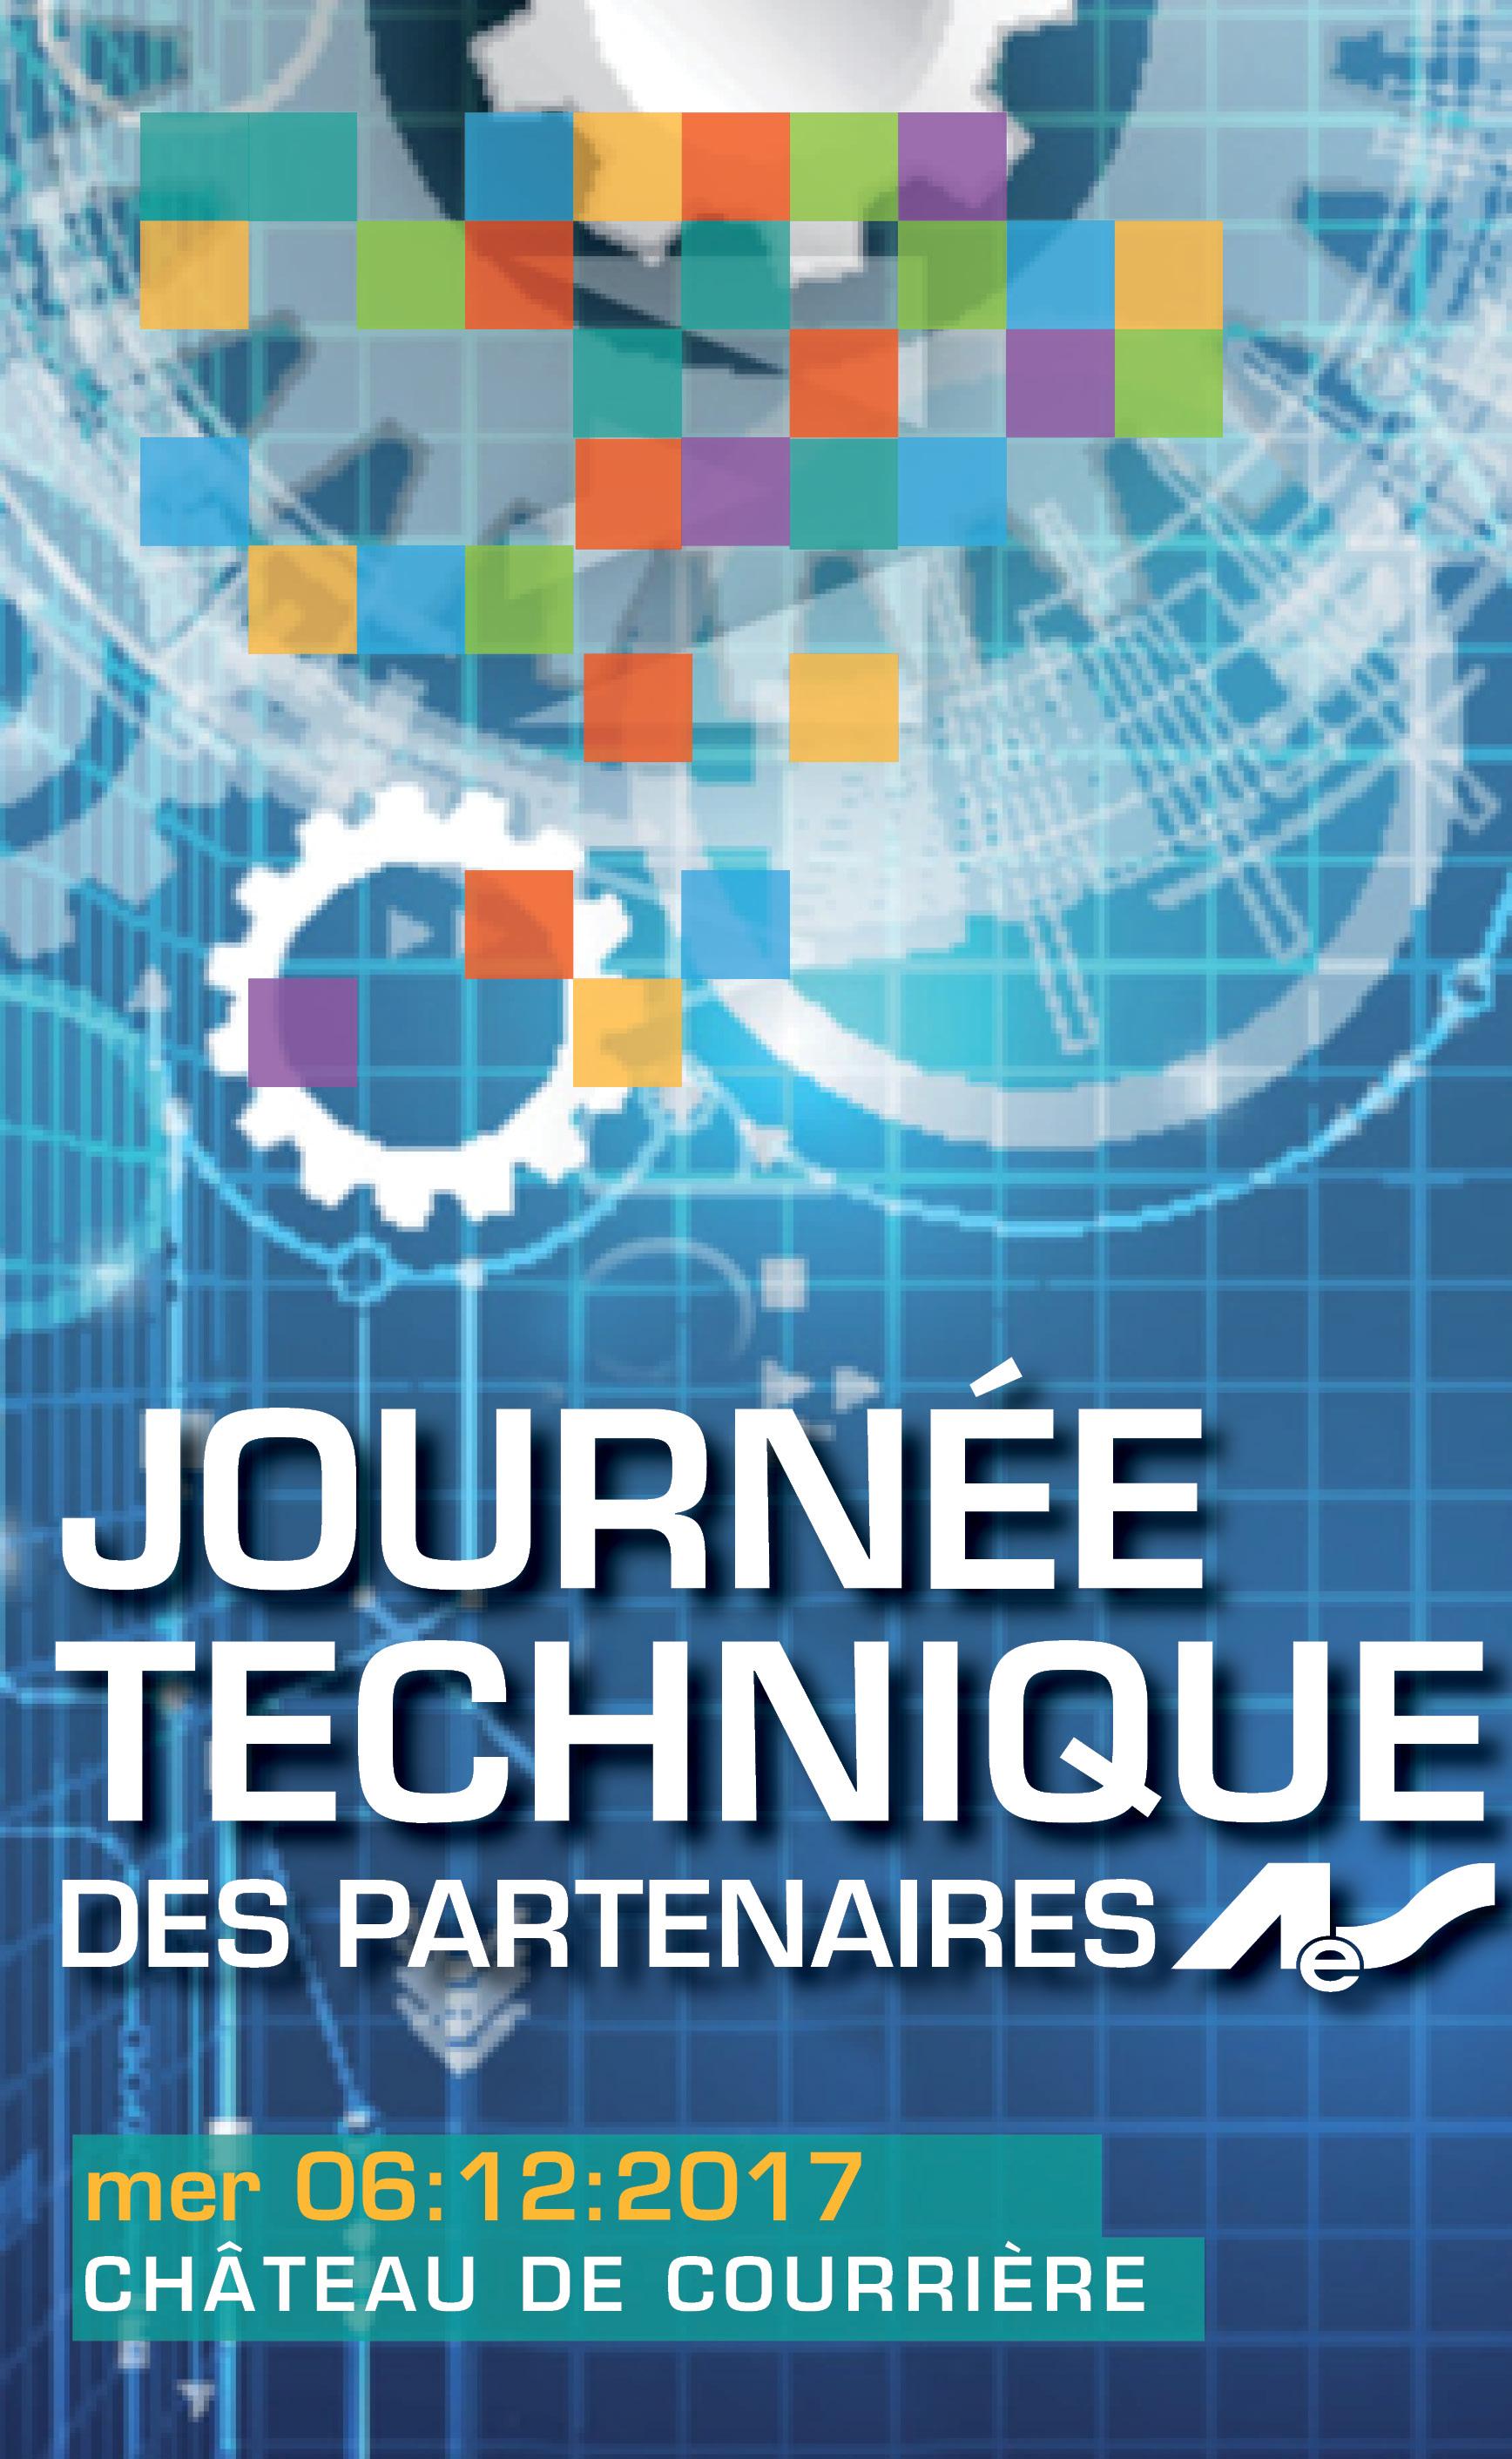 Journée Technique des Partenaires | 6 décembre 2017 | Courrière